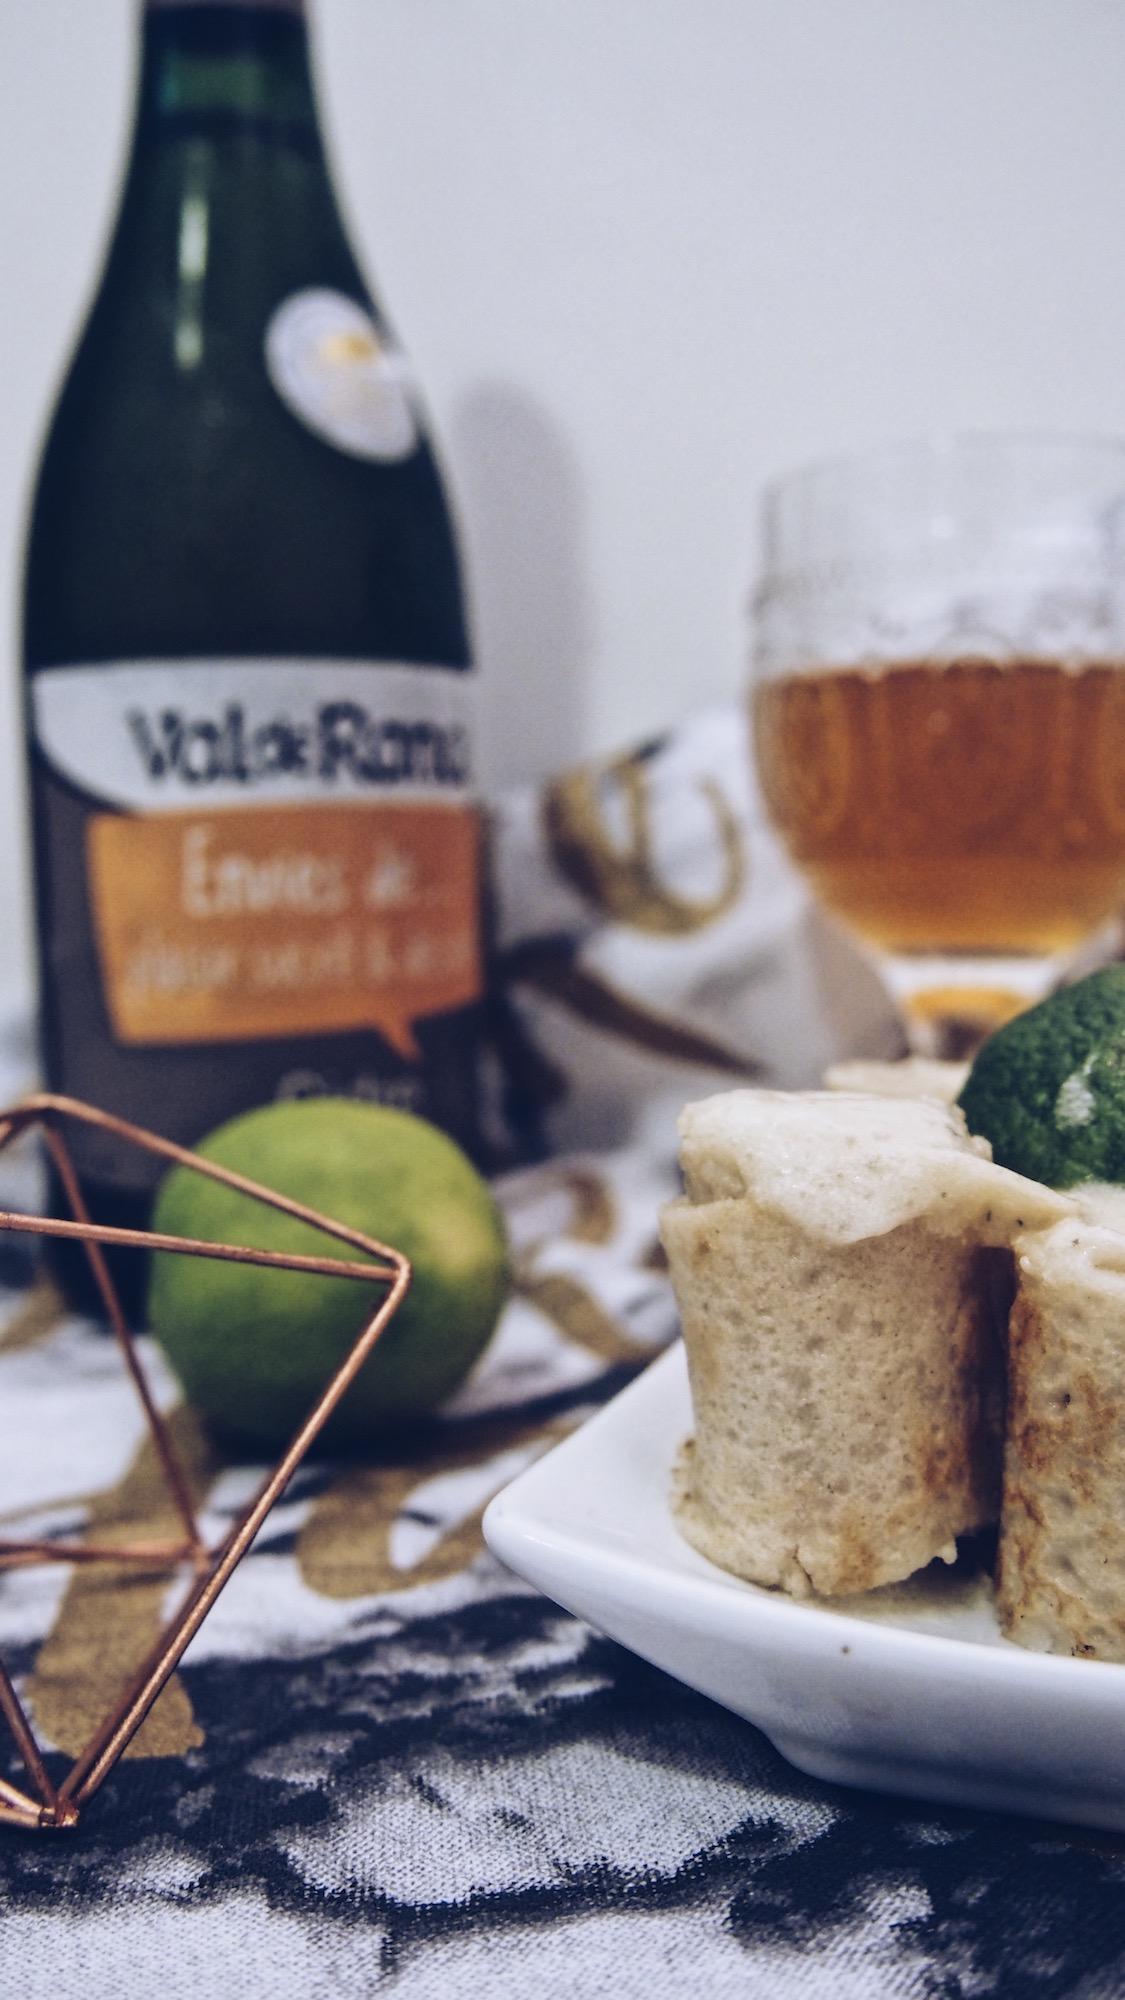 val-de-rance-expérience-cidronomique-crepes-citron-ver-menthe-chandeleur